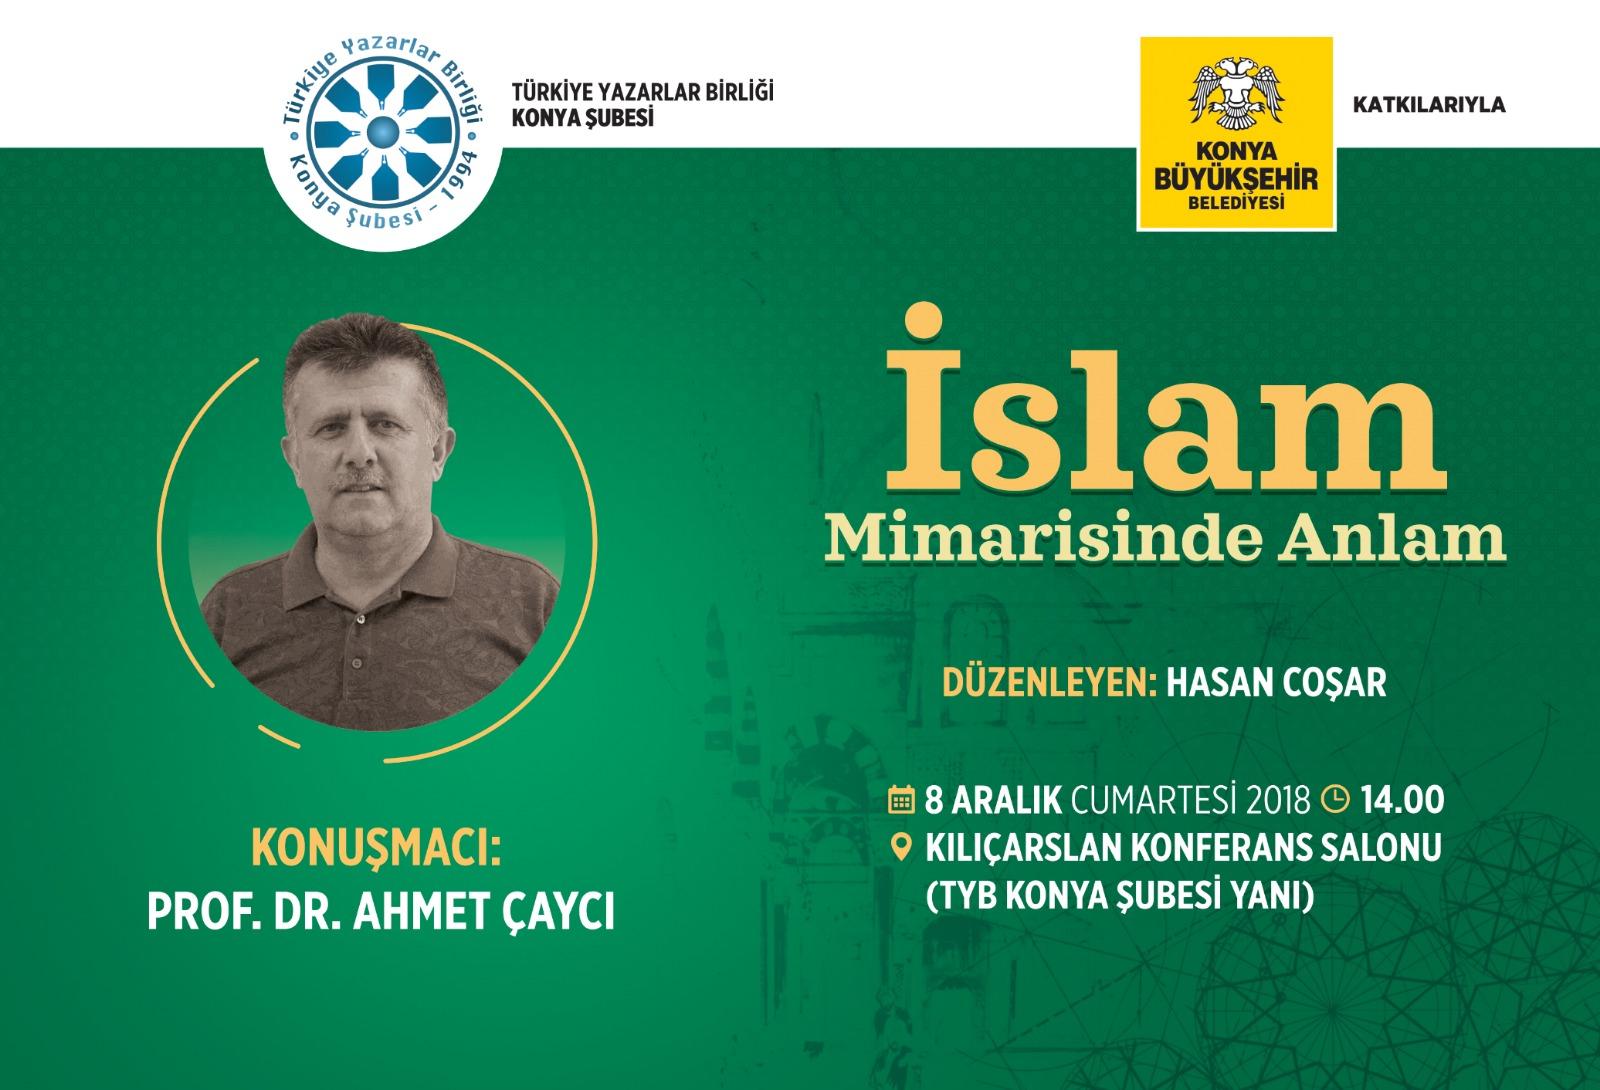 İslam Mimarisinde Anlam